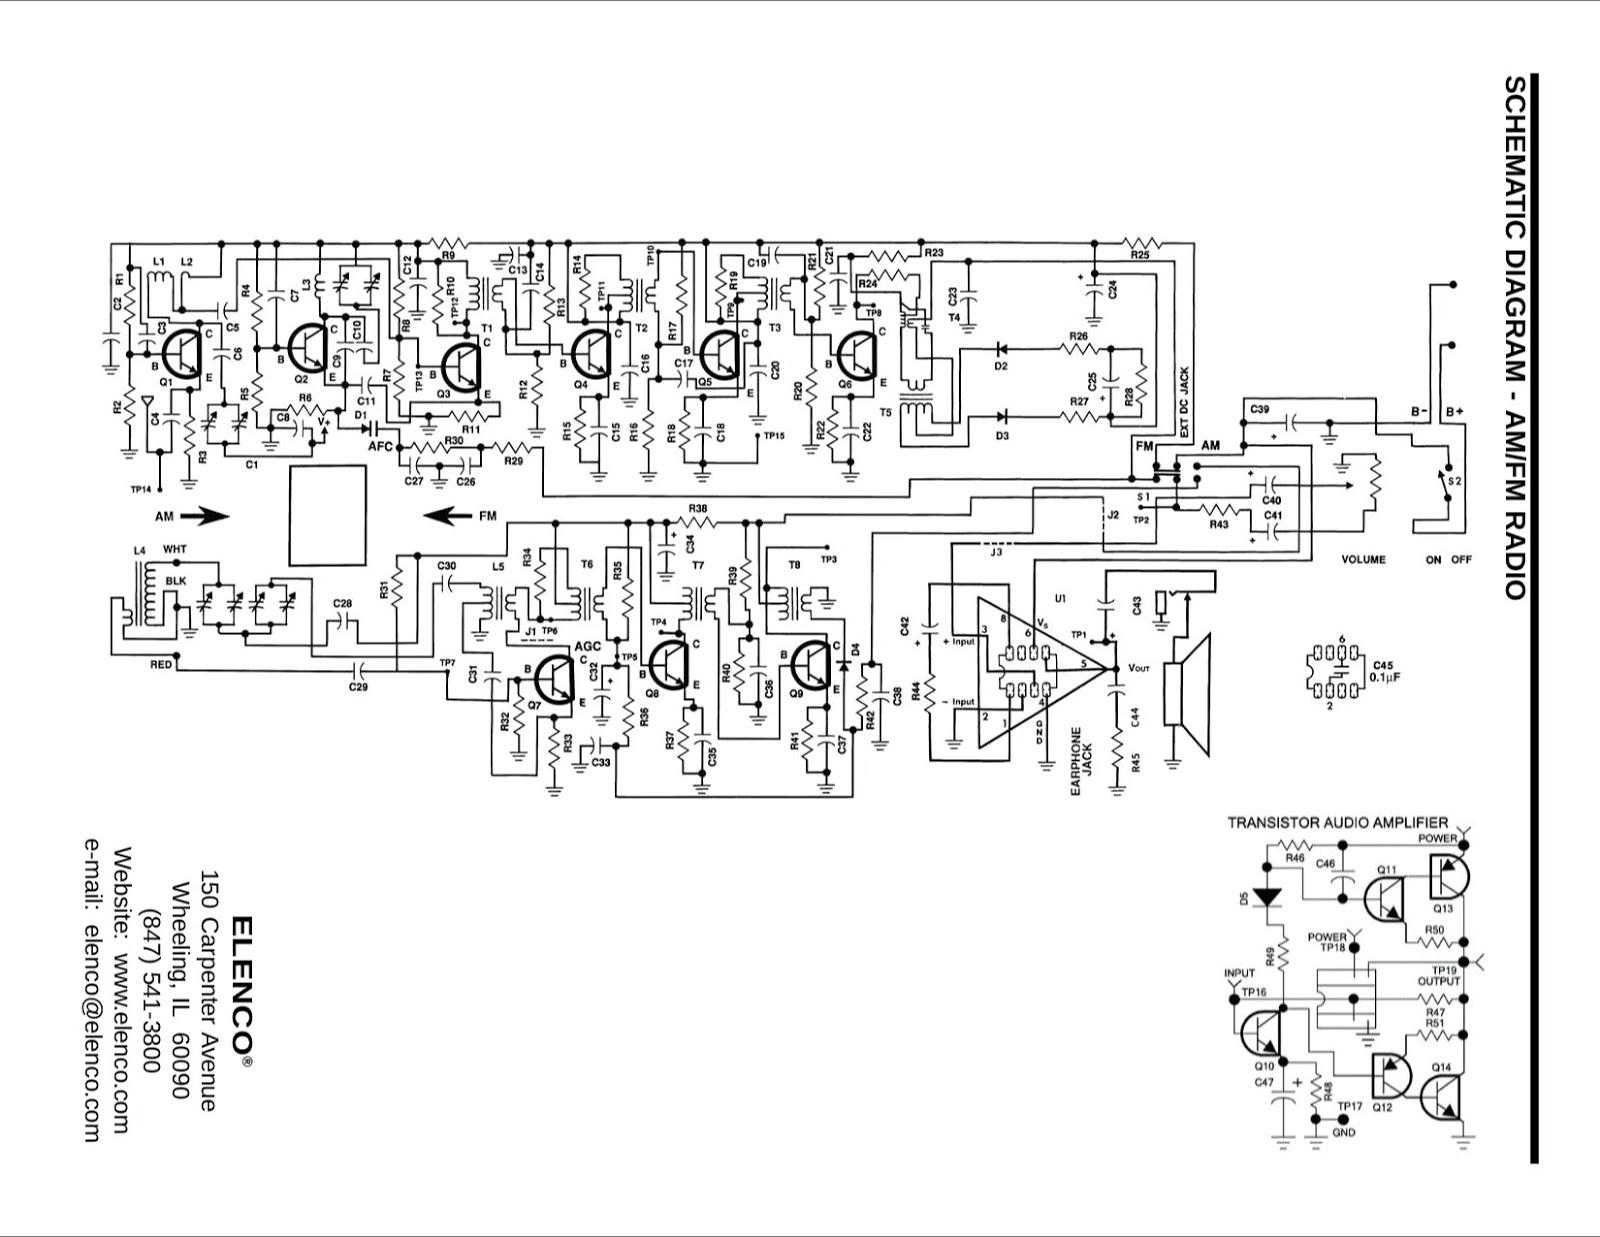 medium resolution of simple fm receiver circuit diagram